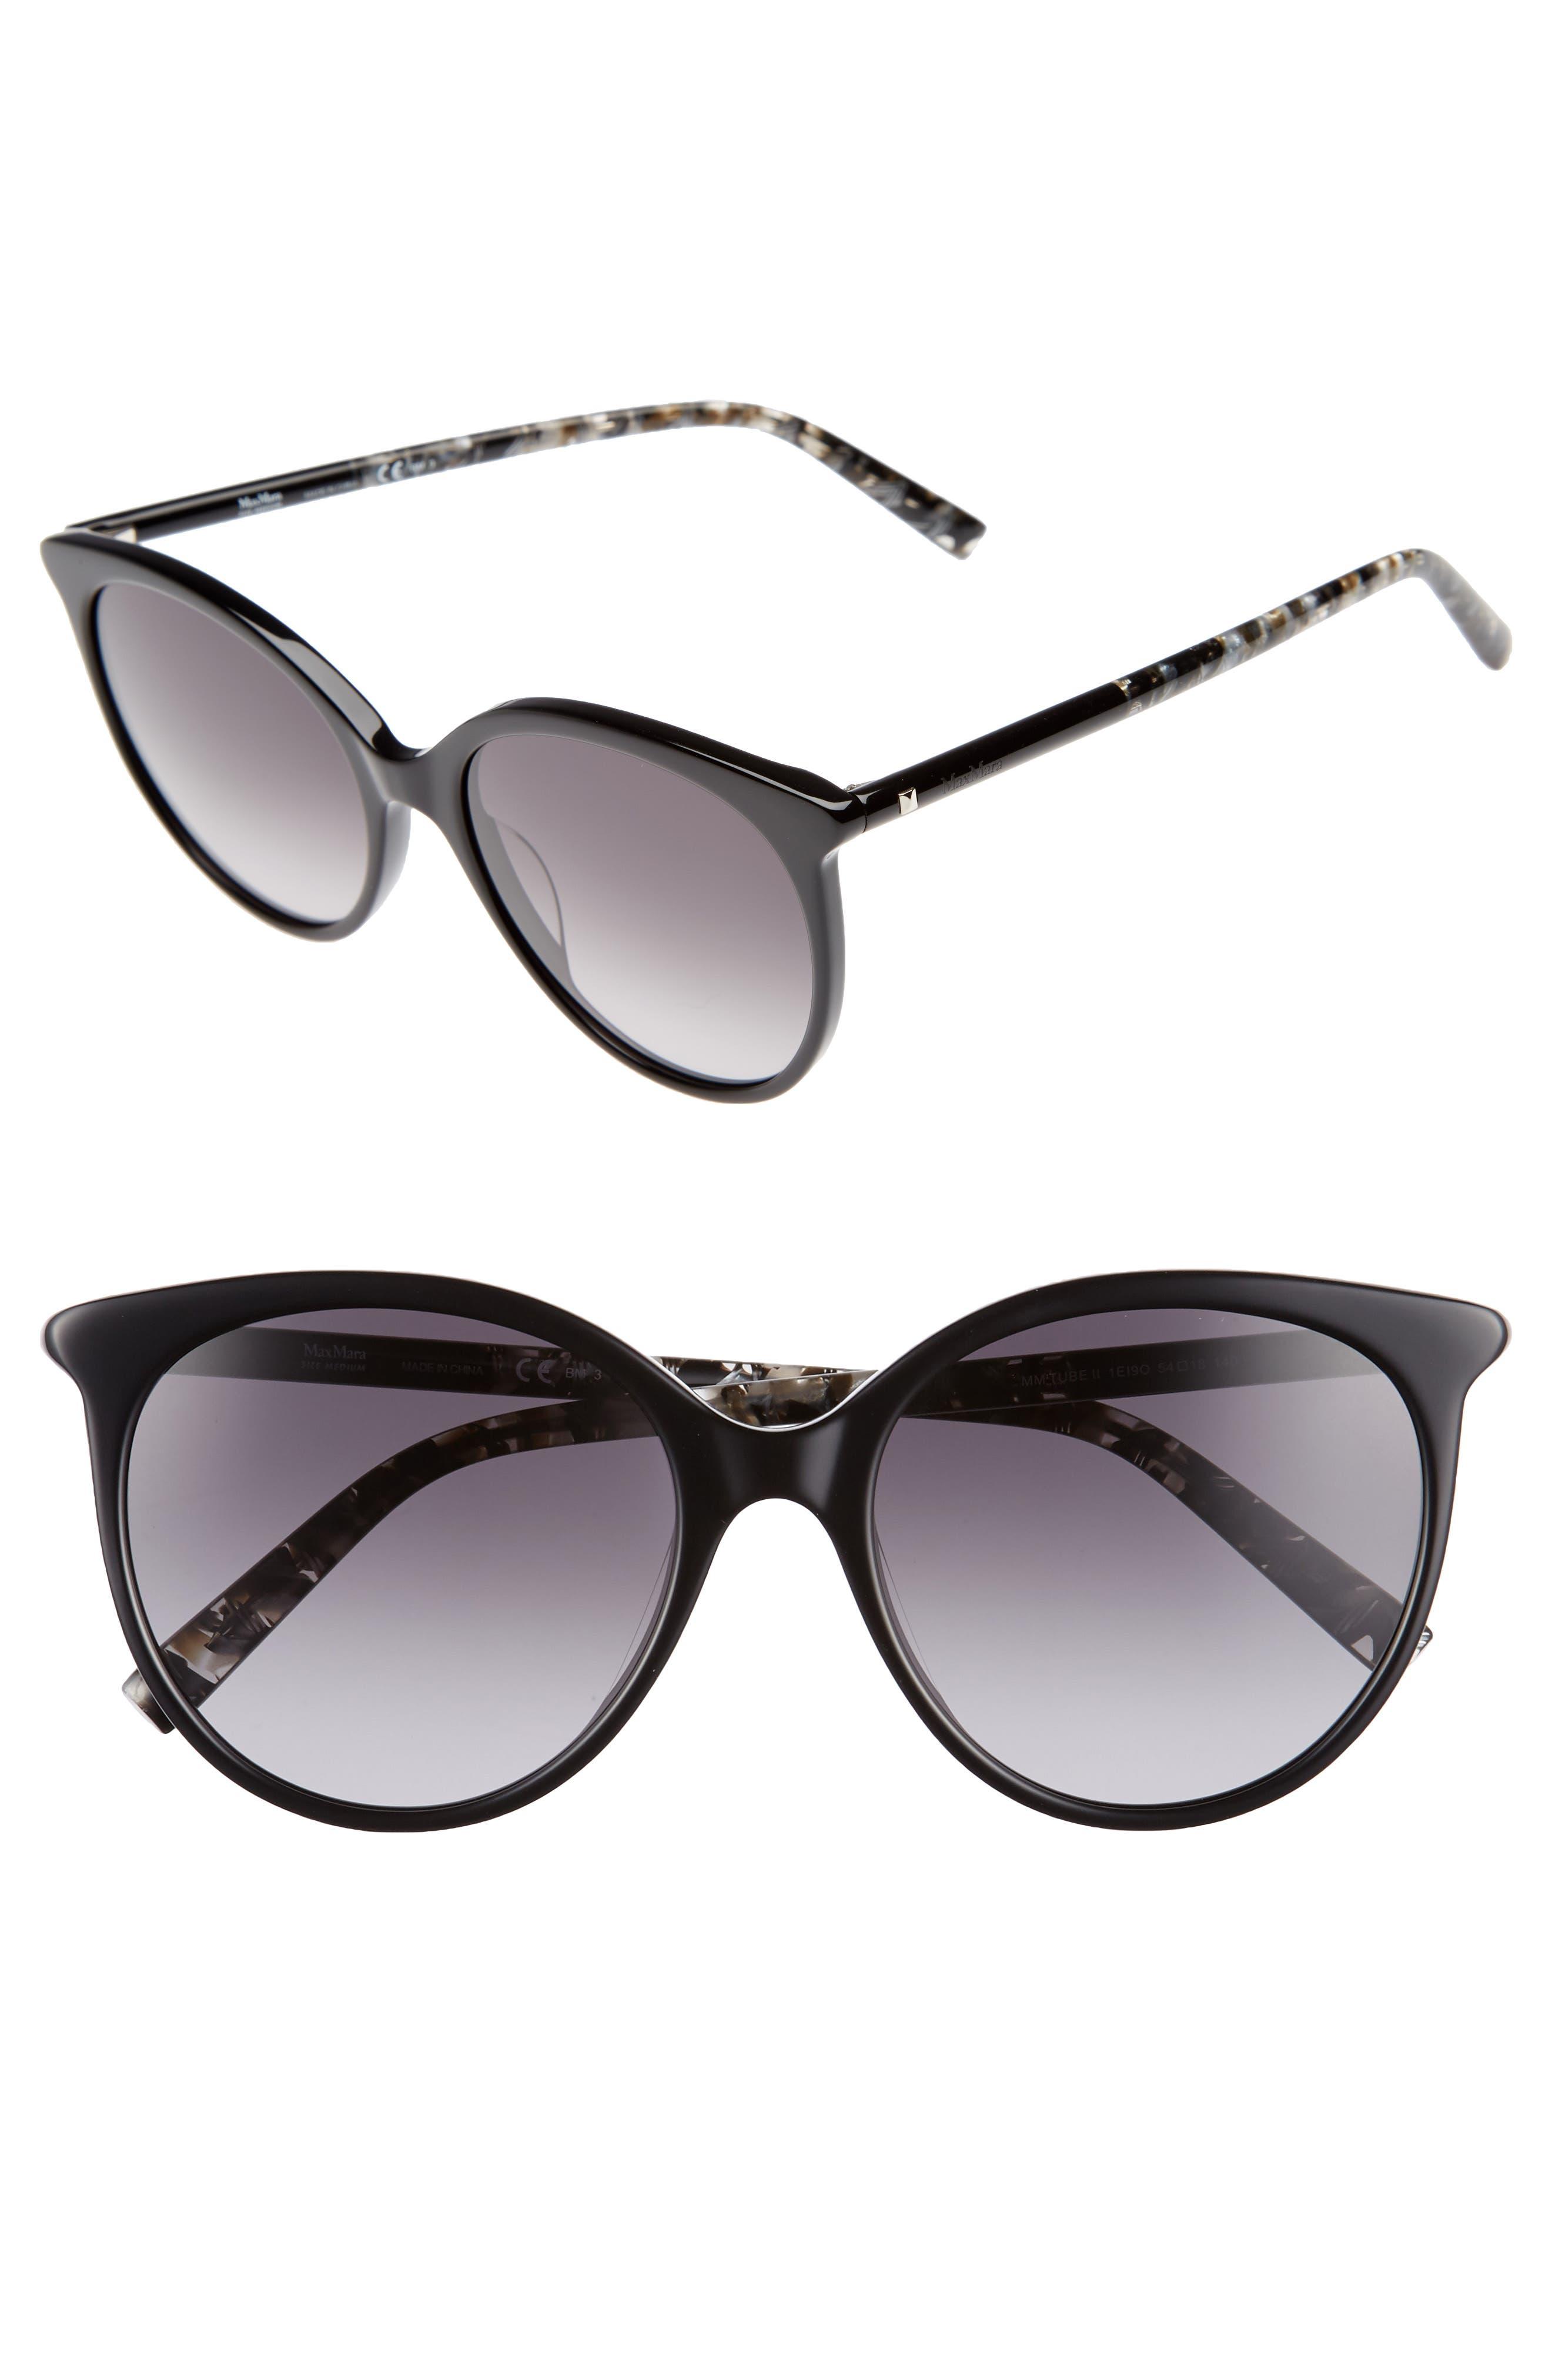 Alternate Image 1 Selected - Max Mara Tube 54mm Gradient Lens Cat Eye Sunglasses